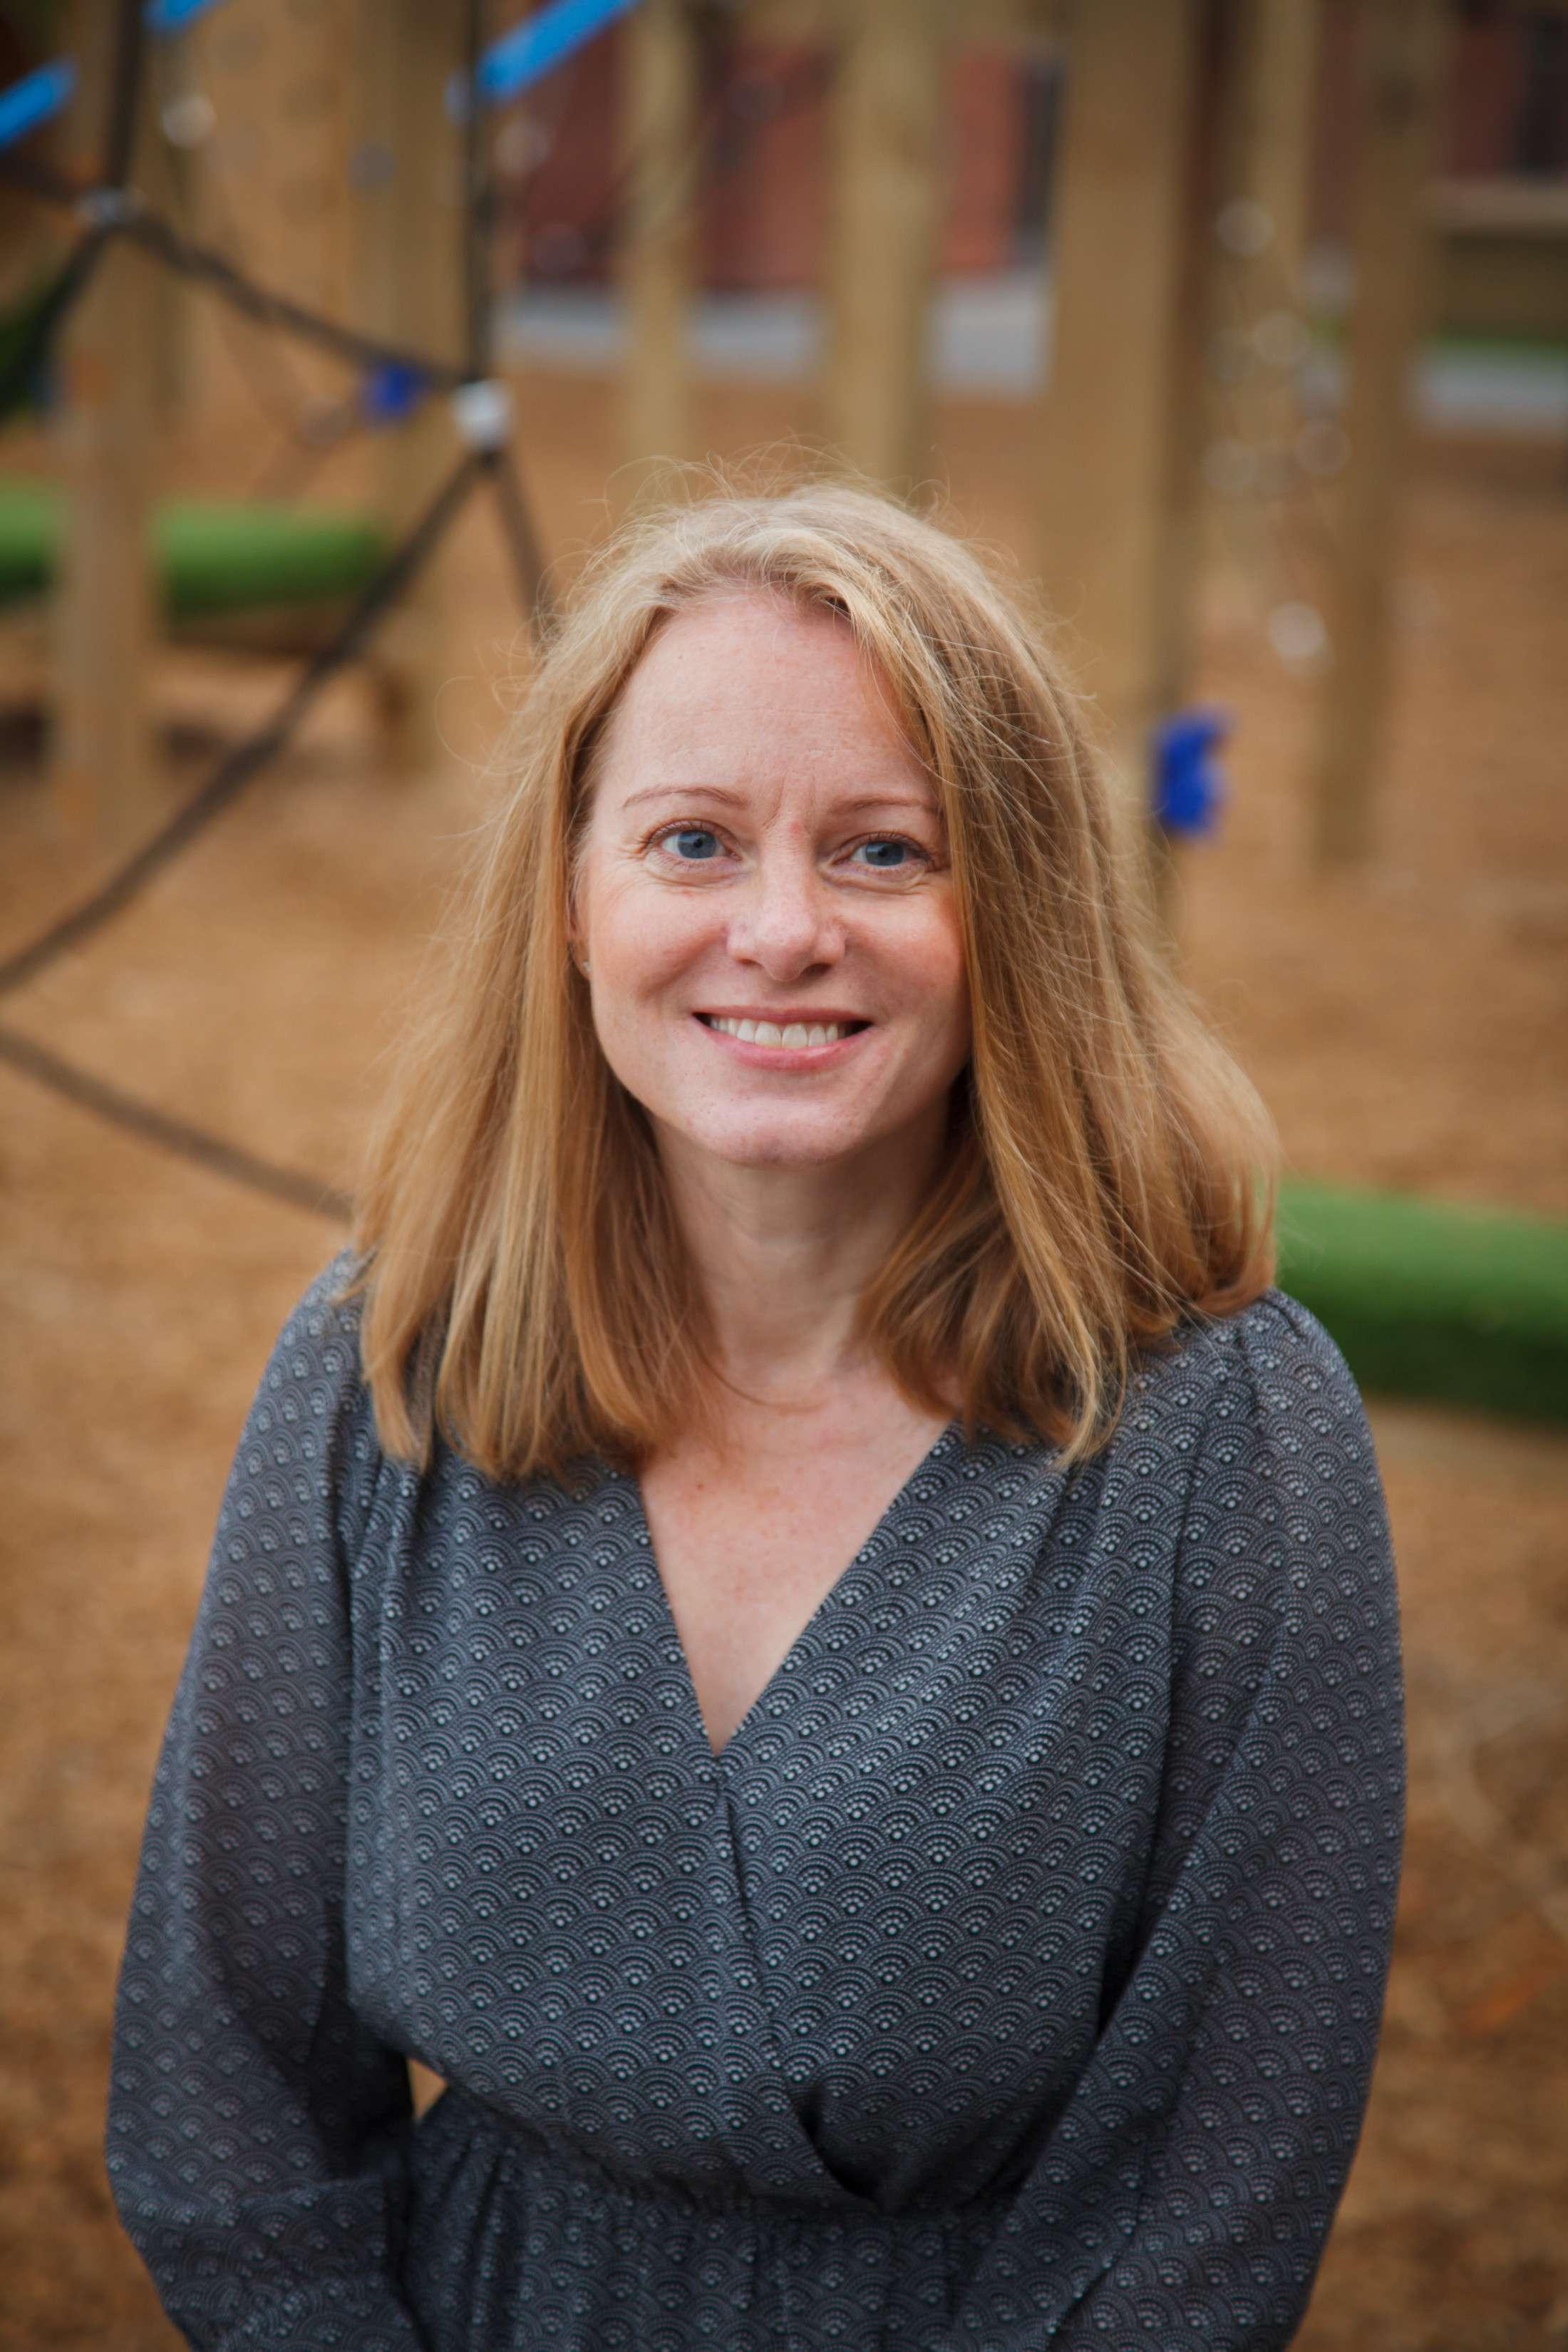 Alison Robilliard